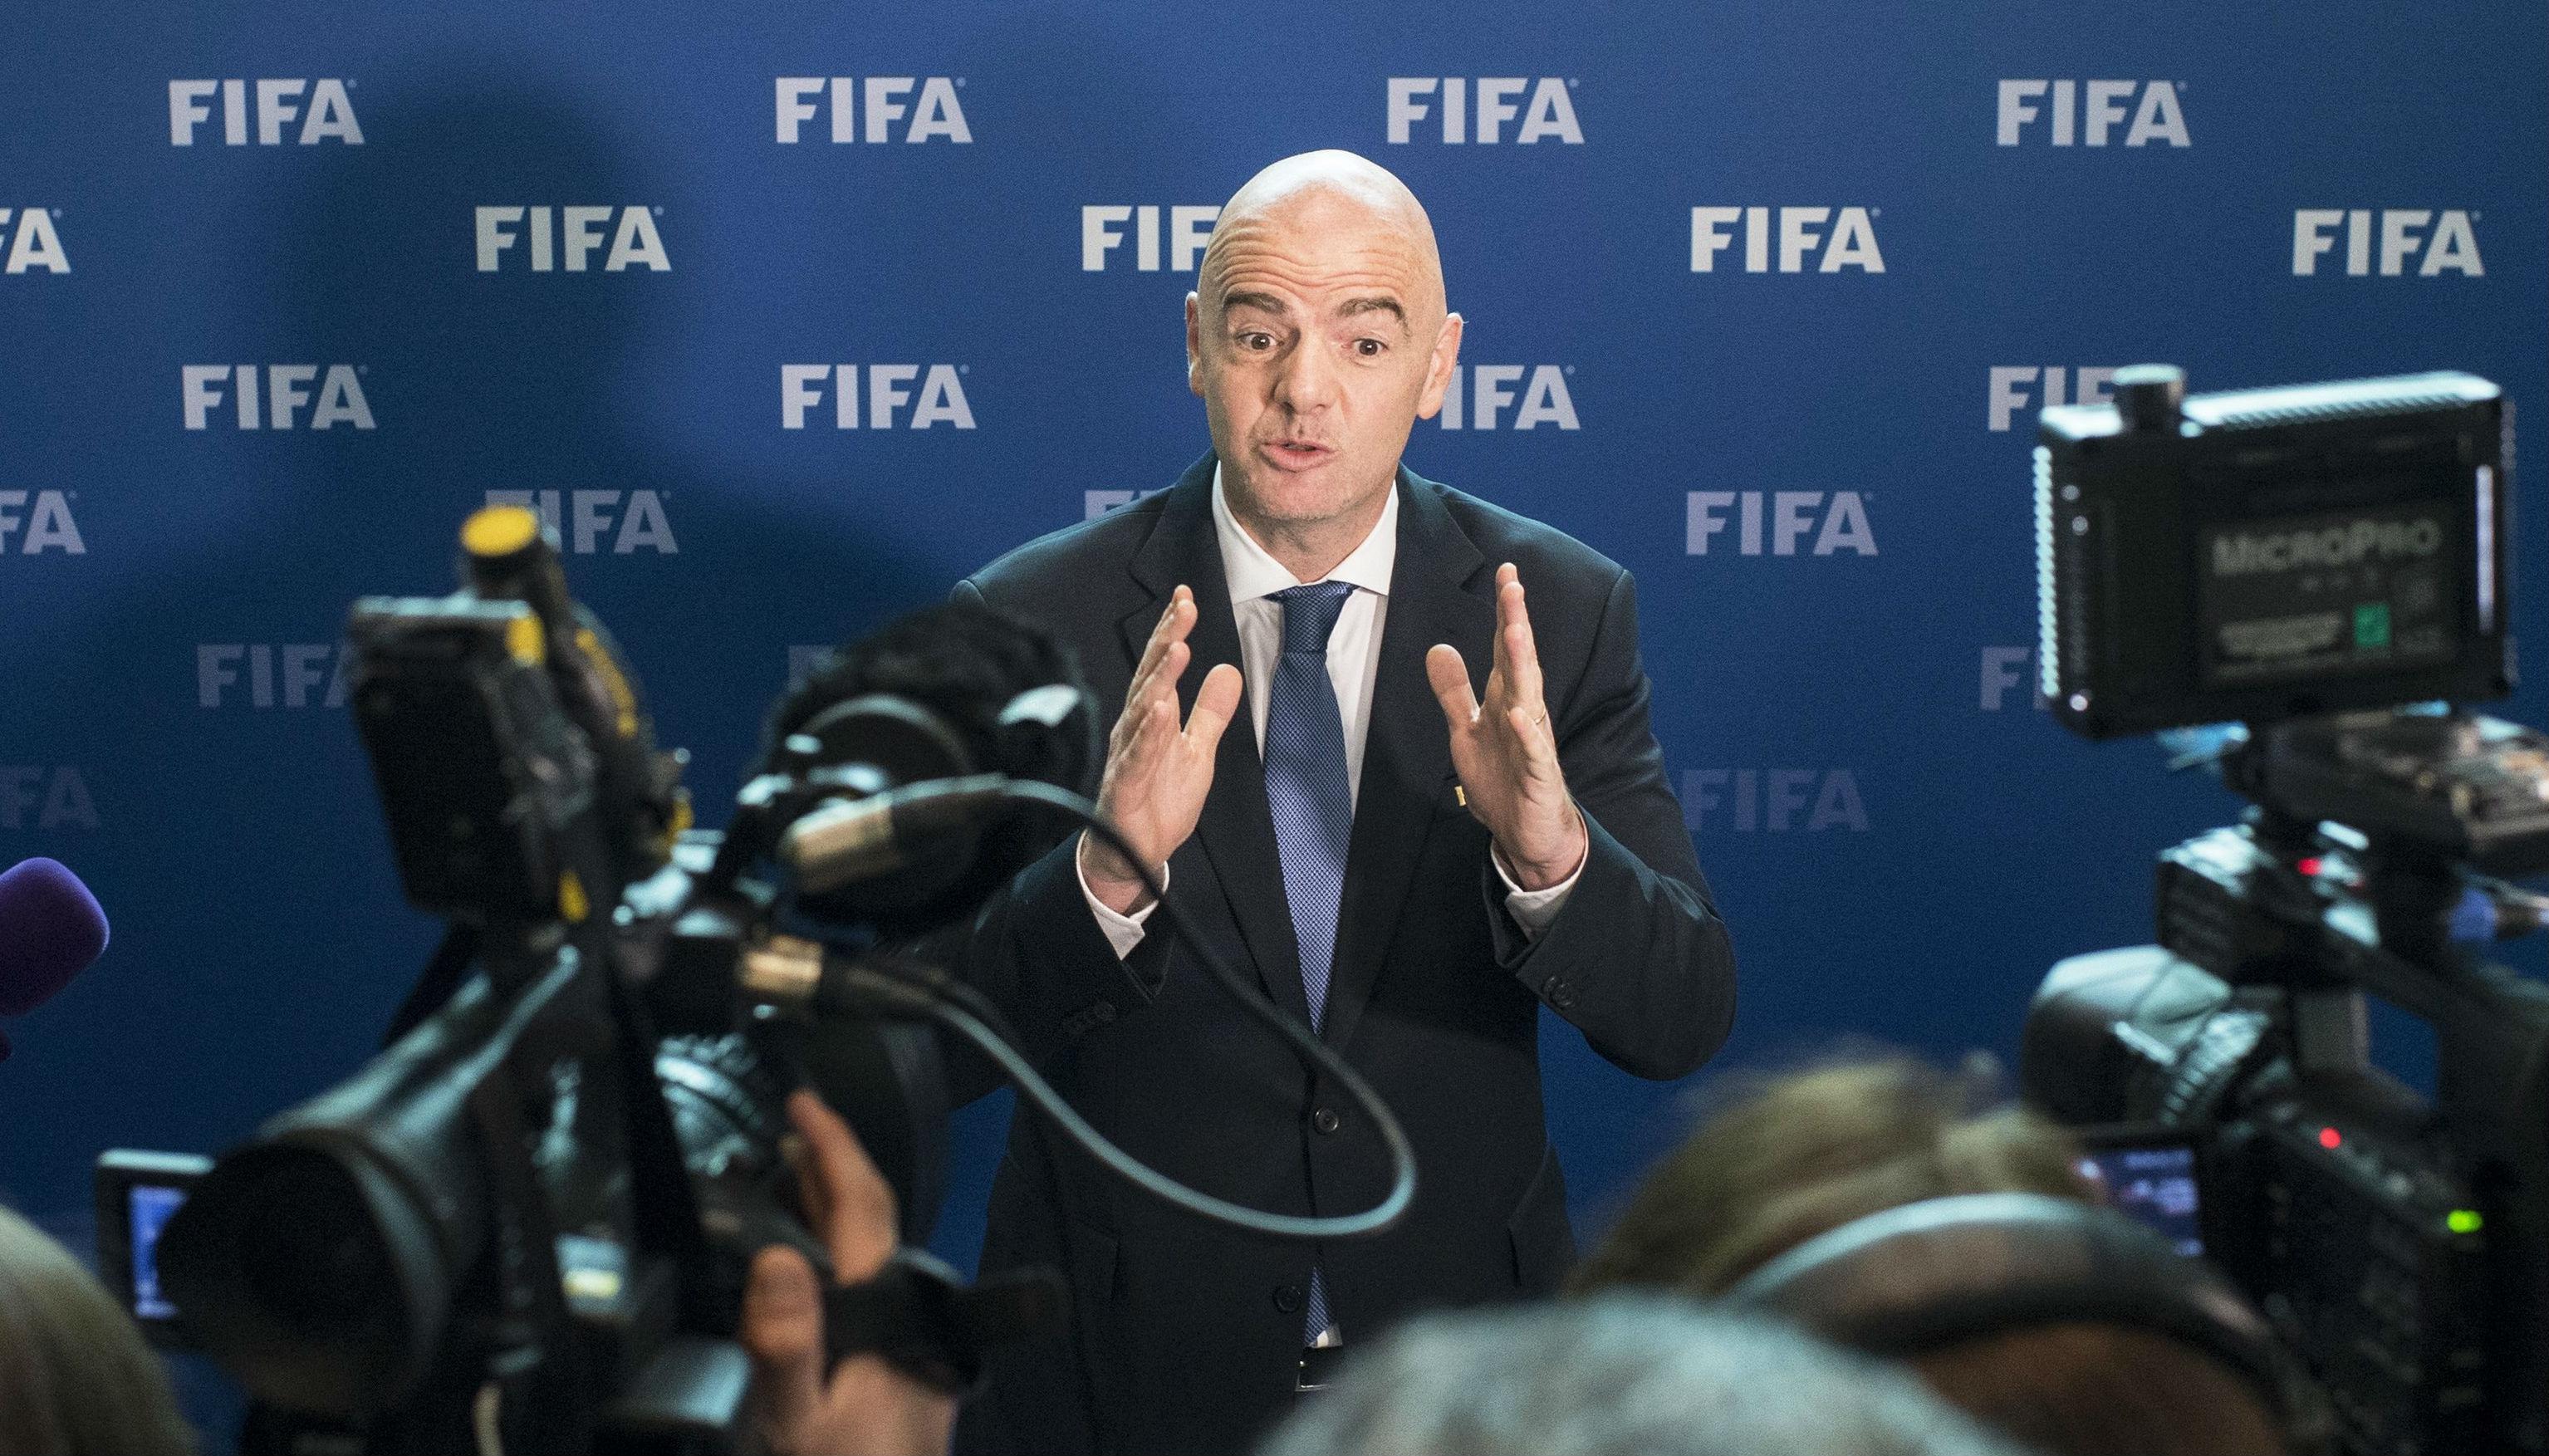 外媒:摩洛哥宣布申办2026年世界杯 之前四次申办均失败